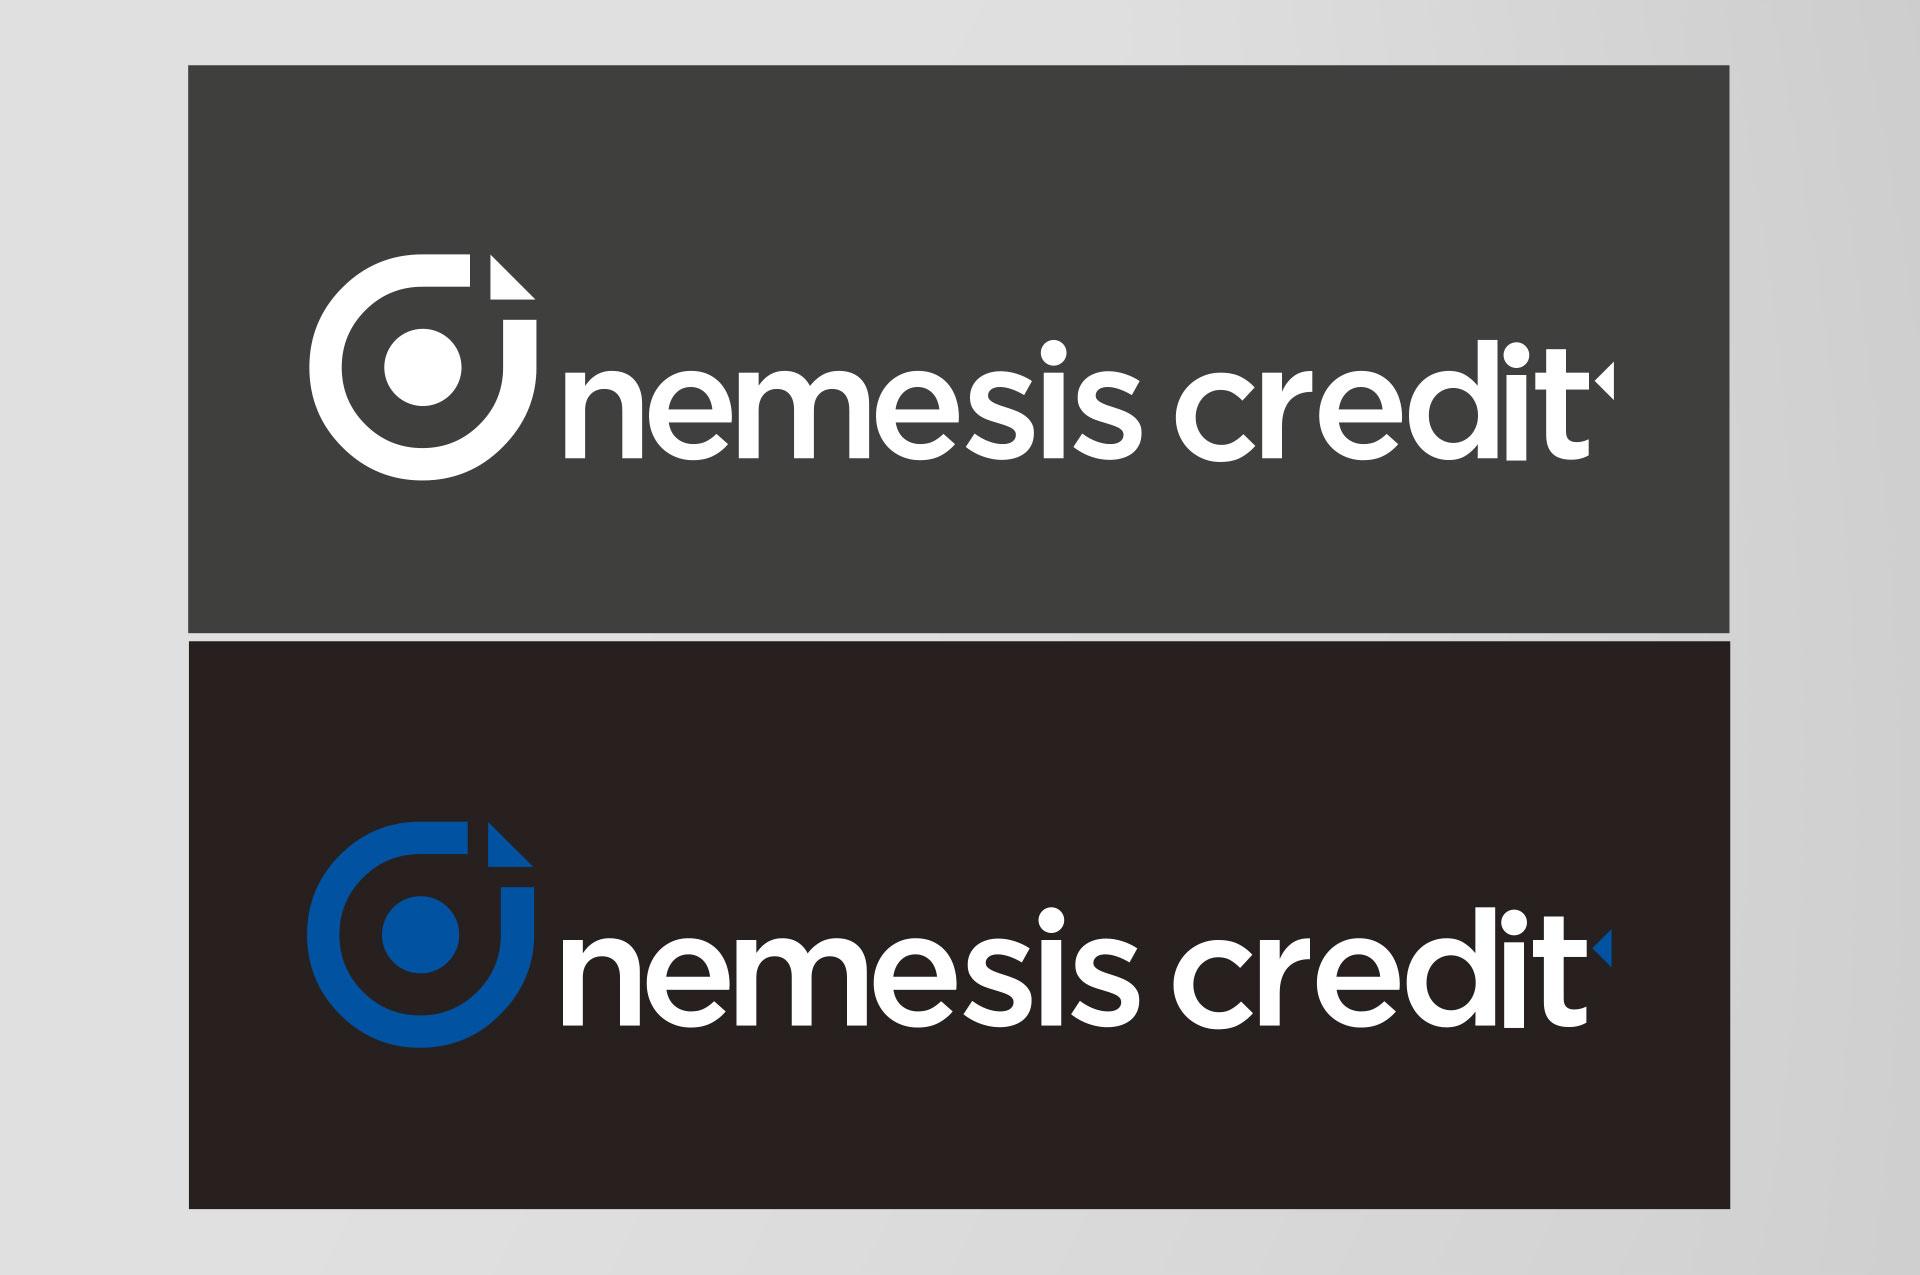 nemesis-credit-logo